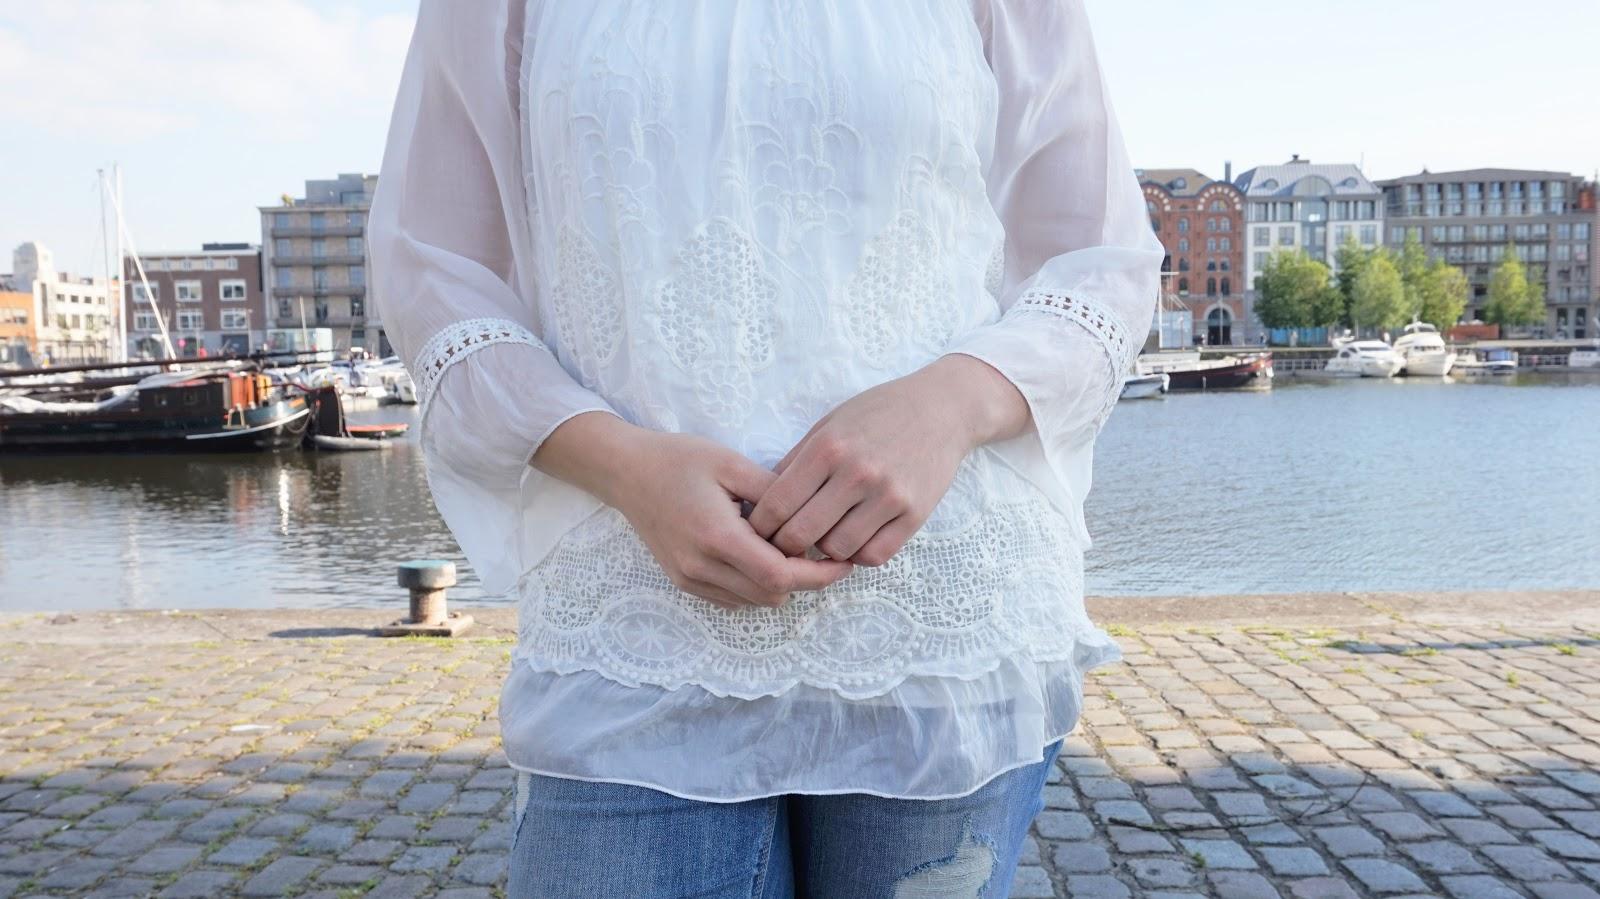 DSC06436 | Eline Van Dingenen